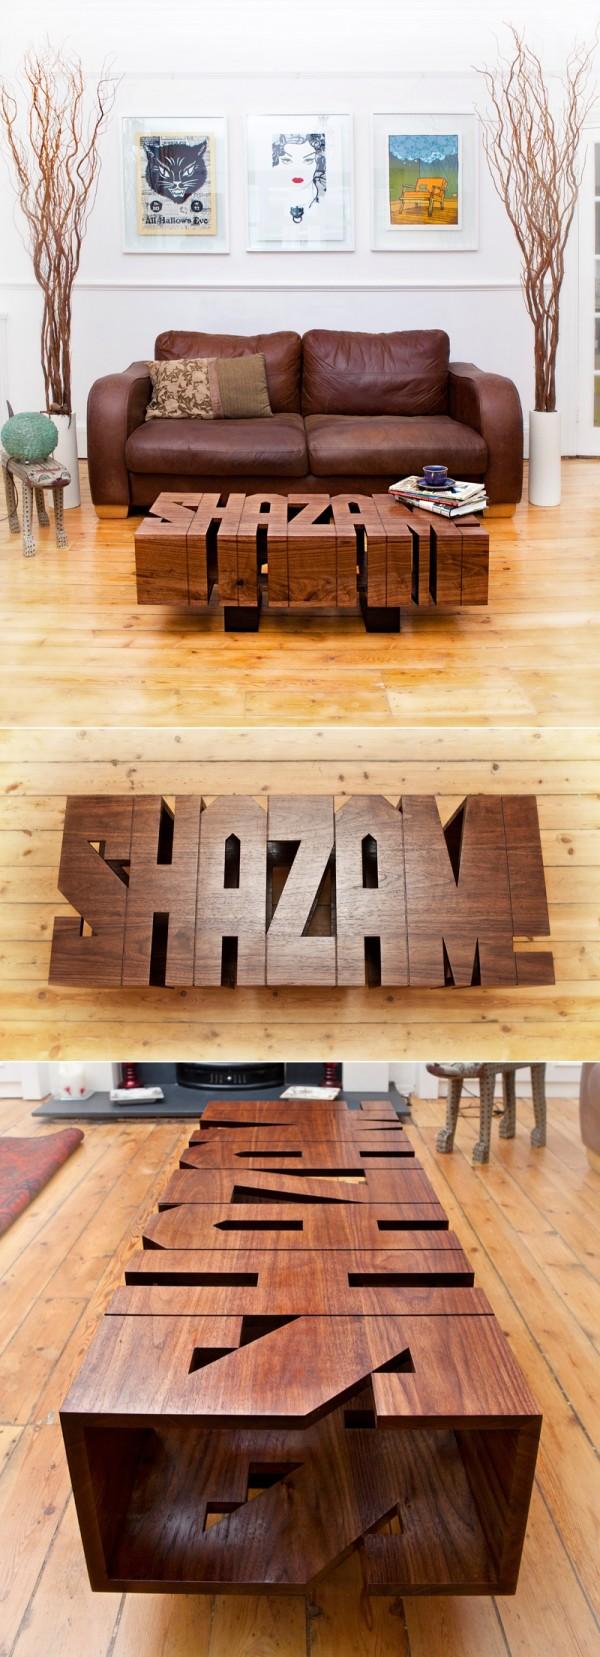 Jedinstveni stolovi za dnevni boravak  MojStan.net